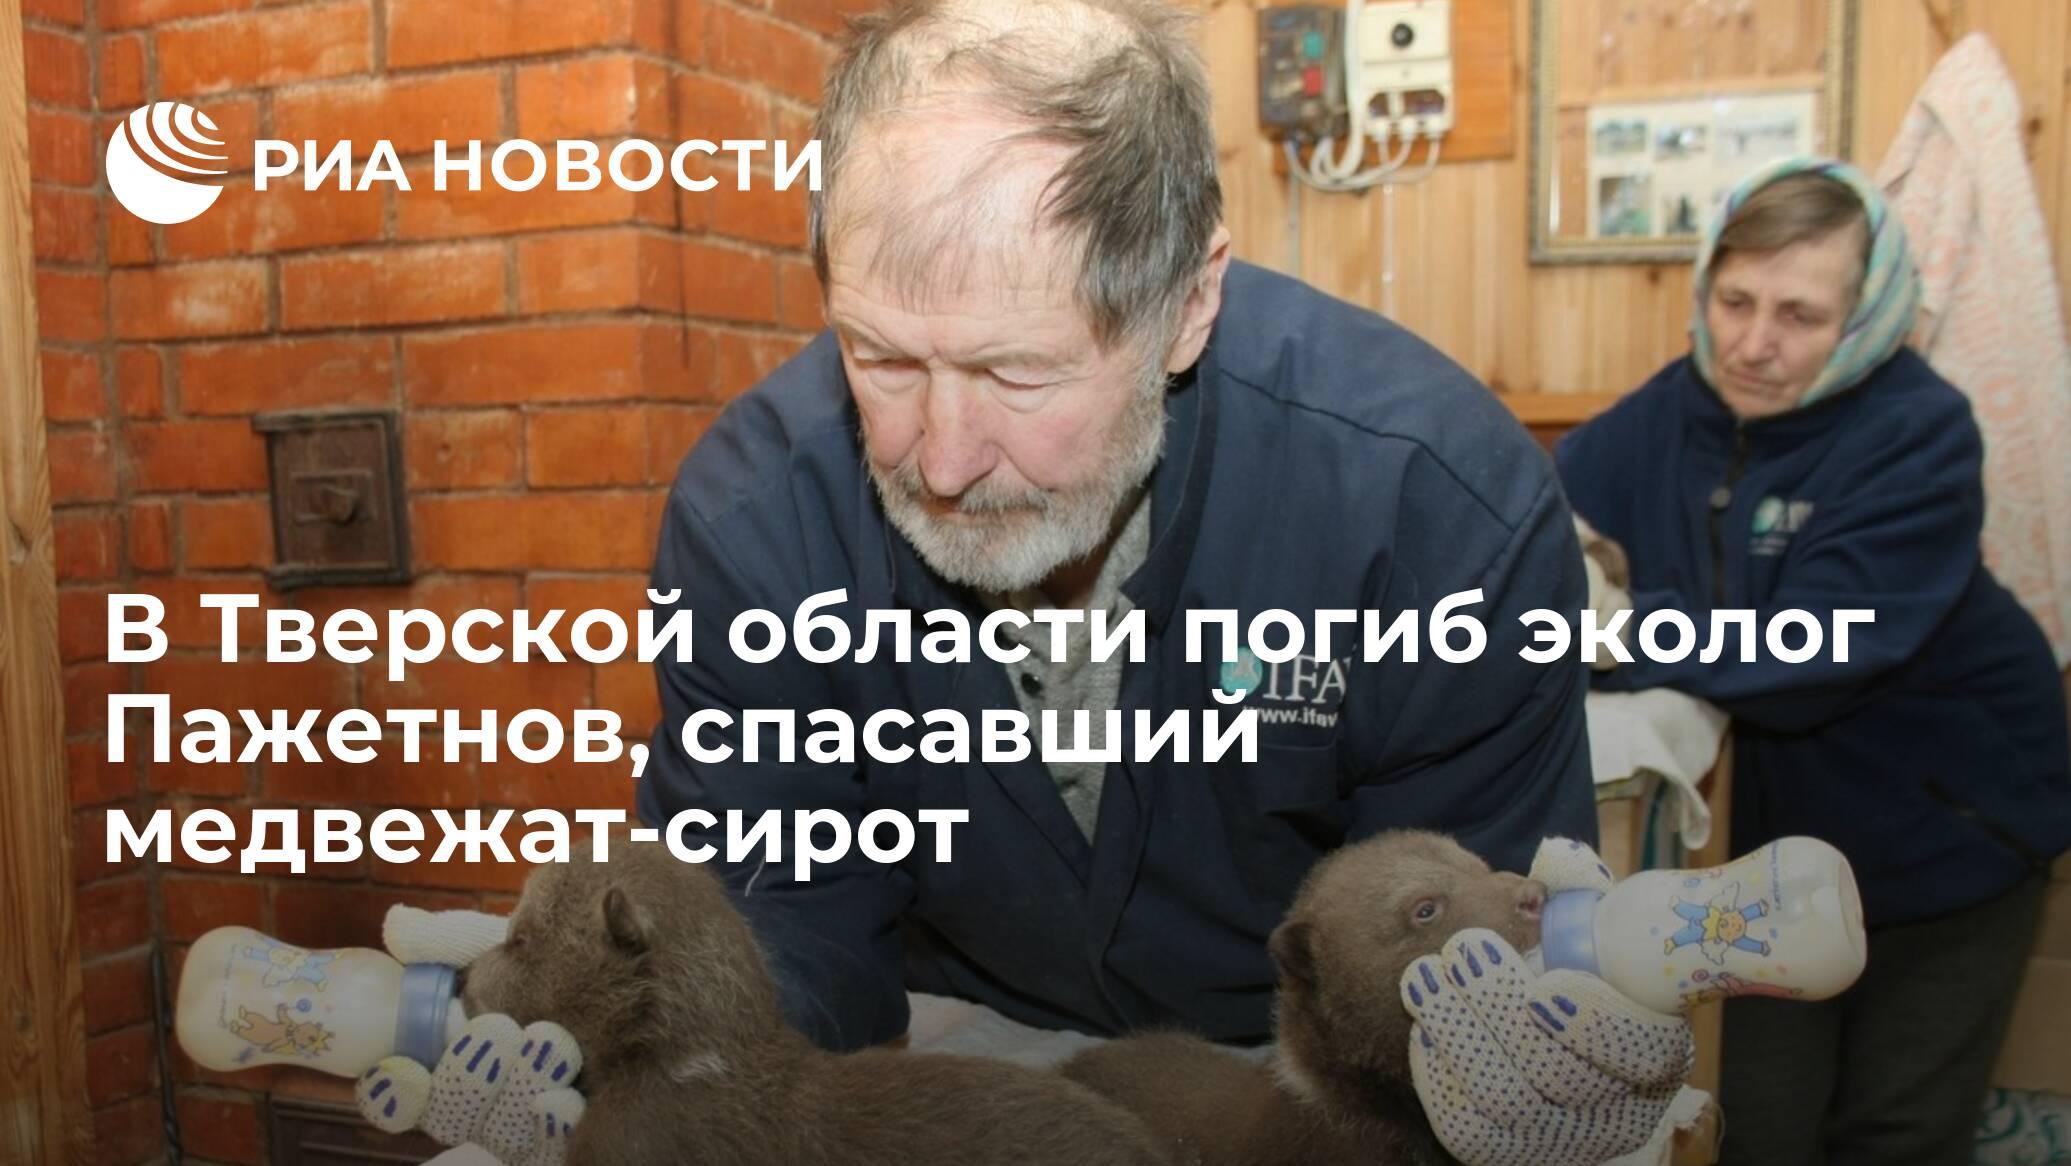 В Тверской области погиб эколог Пажетнов, спасавший медвежат-сирот